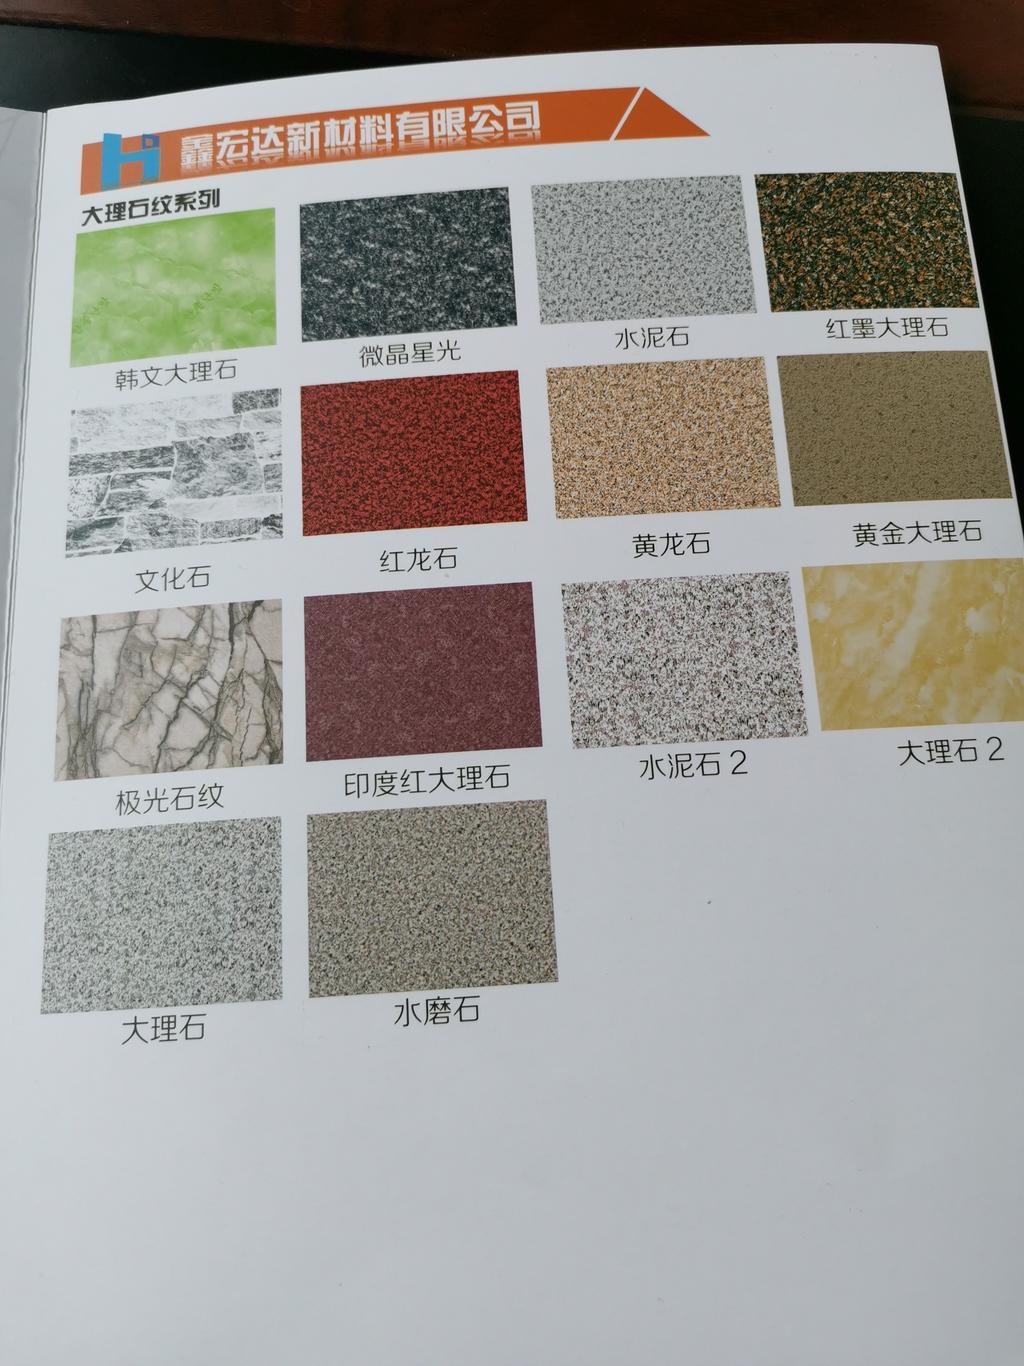 鑫宏达新材料有限公司欢迎您的到来,订货电话:16535730789